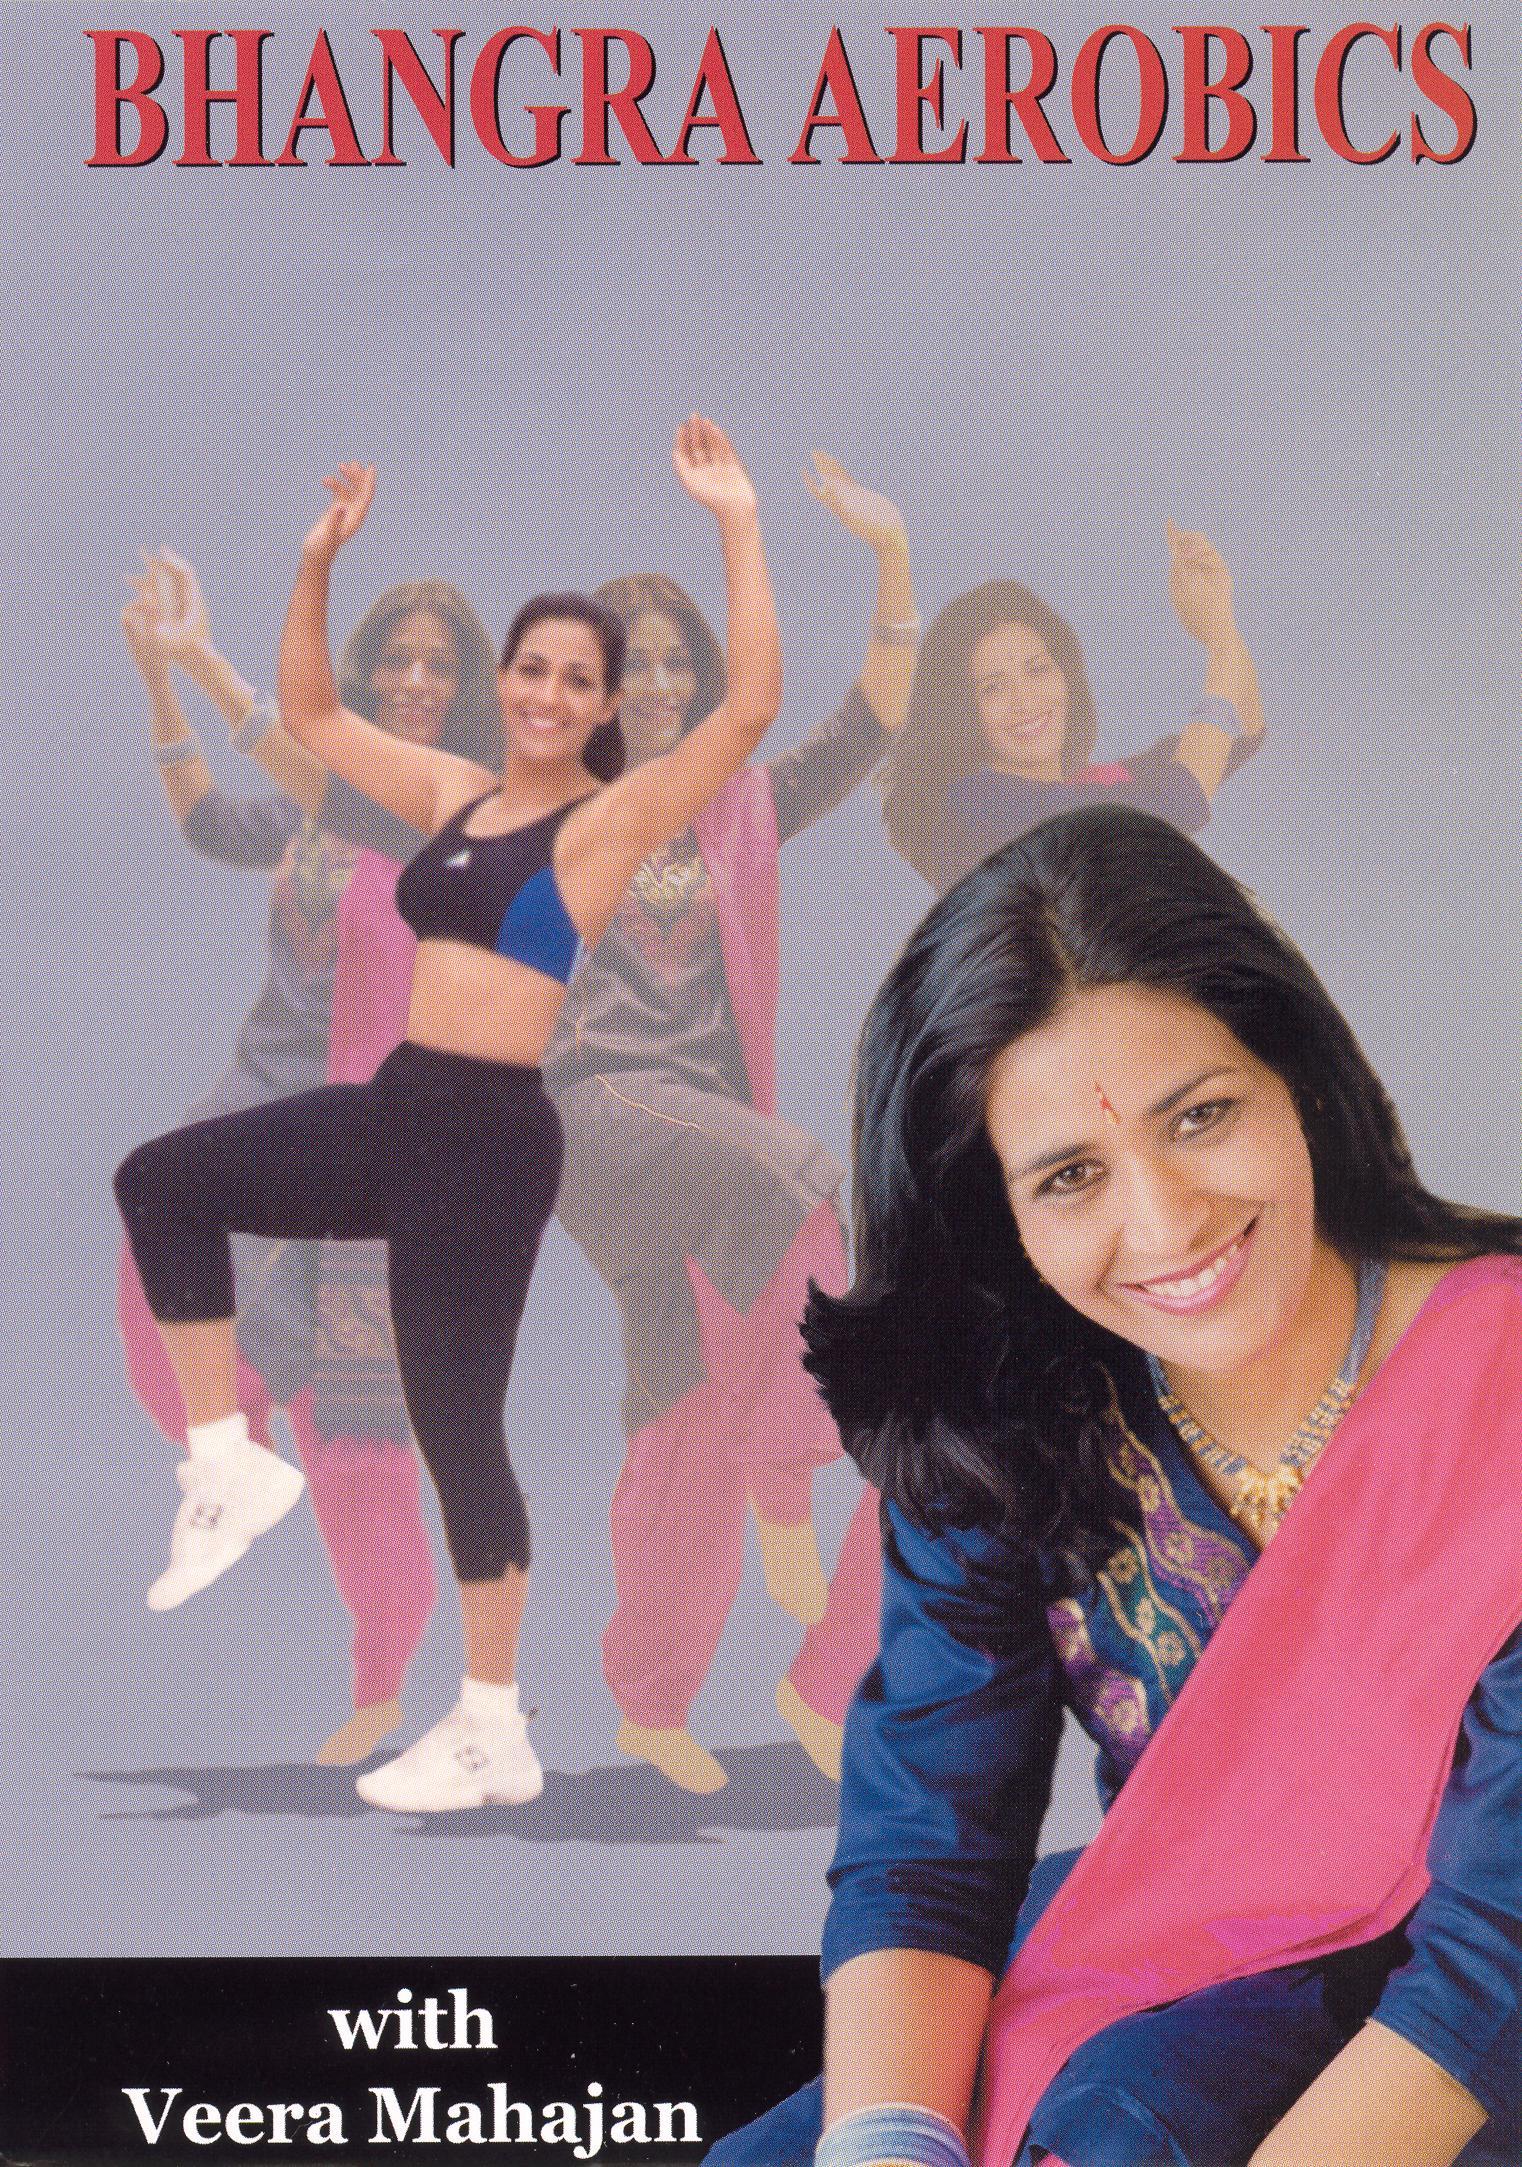 Bhangra Aerobics with Veera Mahajan